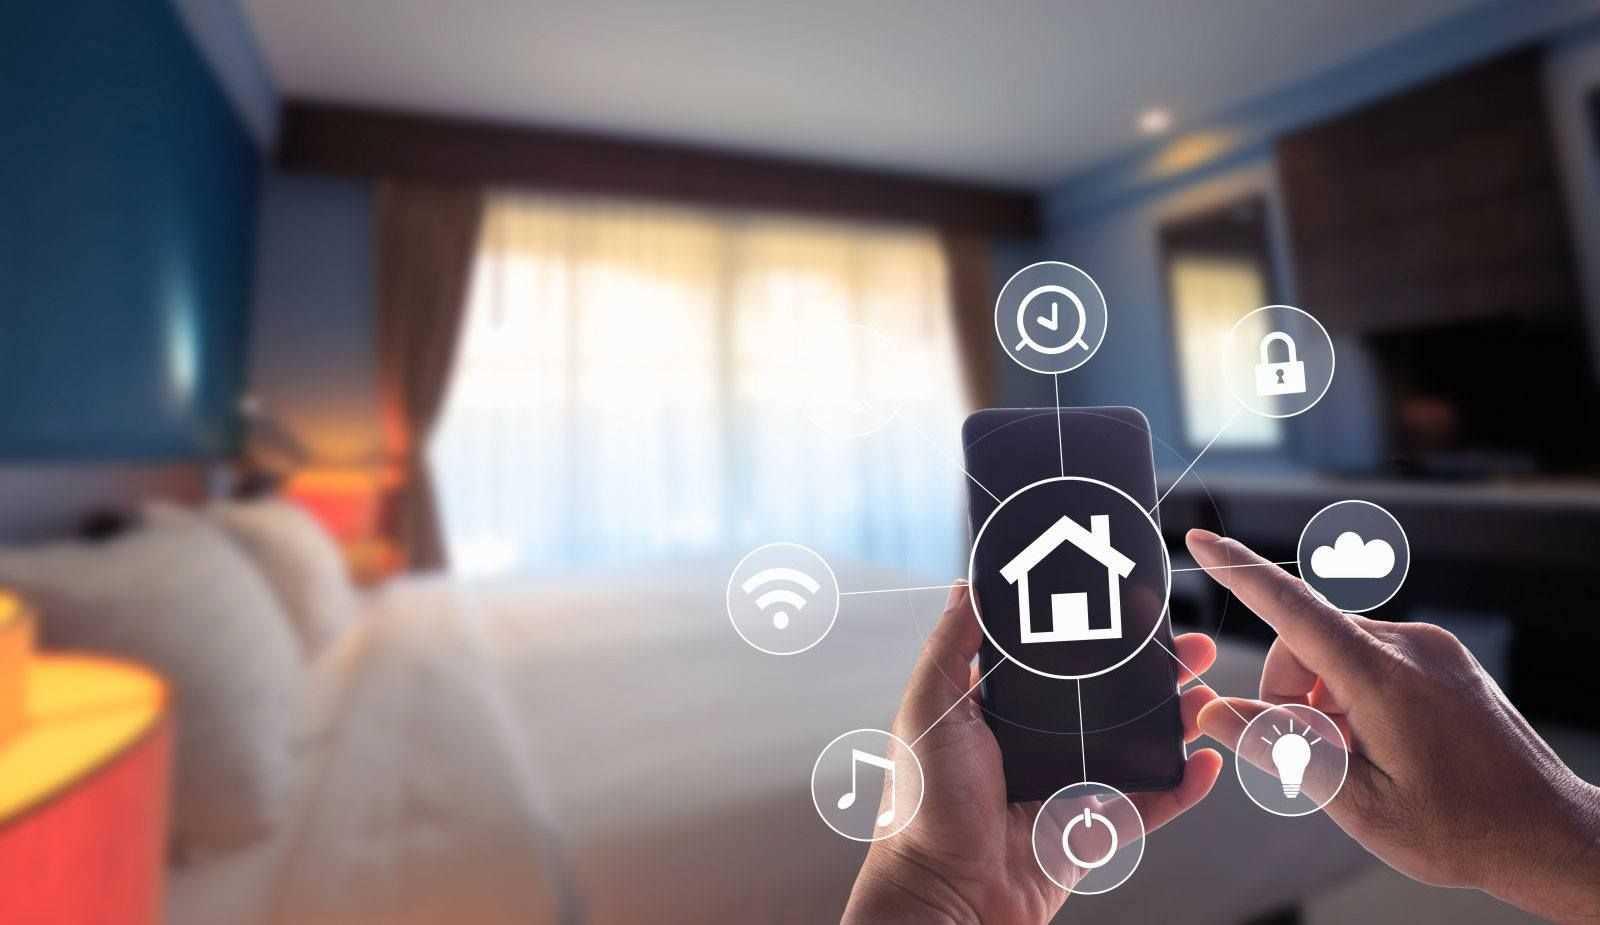 اصنع منزلك الذكي مع مجموعة الاستشعار الذكية Xiaomi Mi. تتكون المجموعة من لوحة وصل Wi-Fi تتحكم في منزلك ، وجهازي استشعار للحركة ، وجهازي استشعار للباب والباب ، ومفتاح لاسلكي. قم بتوصيل المحور بالموجه الخاص بك عبر Wi-Fi والتحكم في جميع الوحدات المتصلة في منزلك بهاتفك الذكي. أجهزة استشعار الحركة السرية مصنوعة من مواد مقاومة للحريق وصديقة للبيئة وذات جودة عالية ويمكنها على الفور اكتشاف حركة شخص أو حيوان أليف.